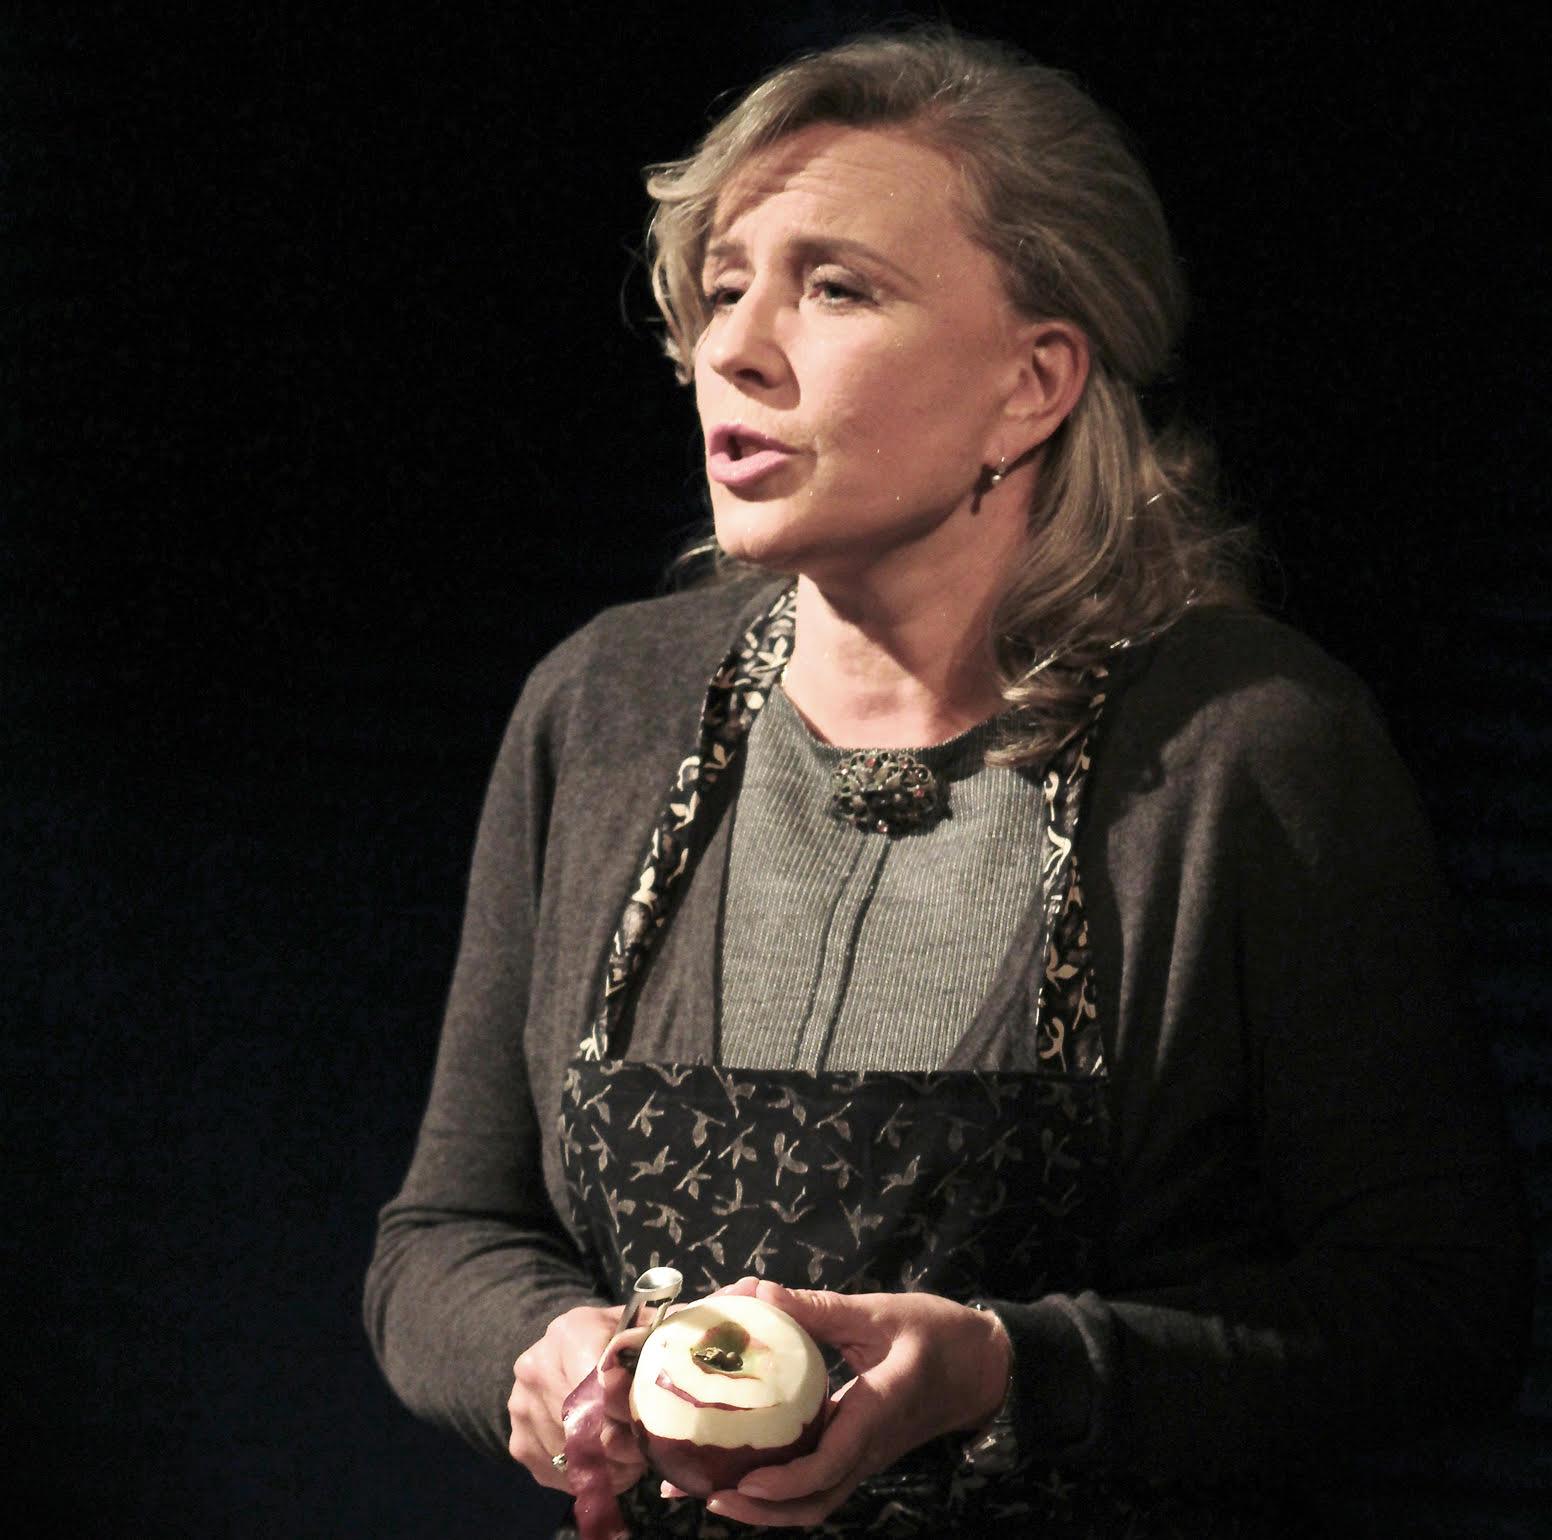 Die Hauptrolle spielt die hervorragende polnische Schauspielerin Krystyna Janda. Die Aufführung basiert auf der Autobiographie von Danuta Wałęsa, die von dem ereignisreichen Leben der Ehefrau des legendären Solidarność-Anführers erzählt.